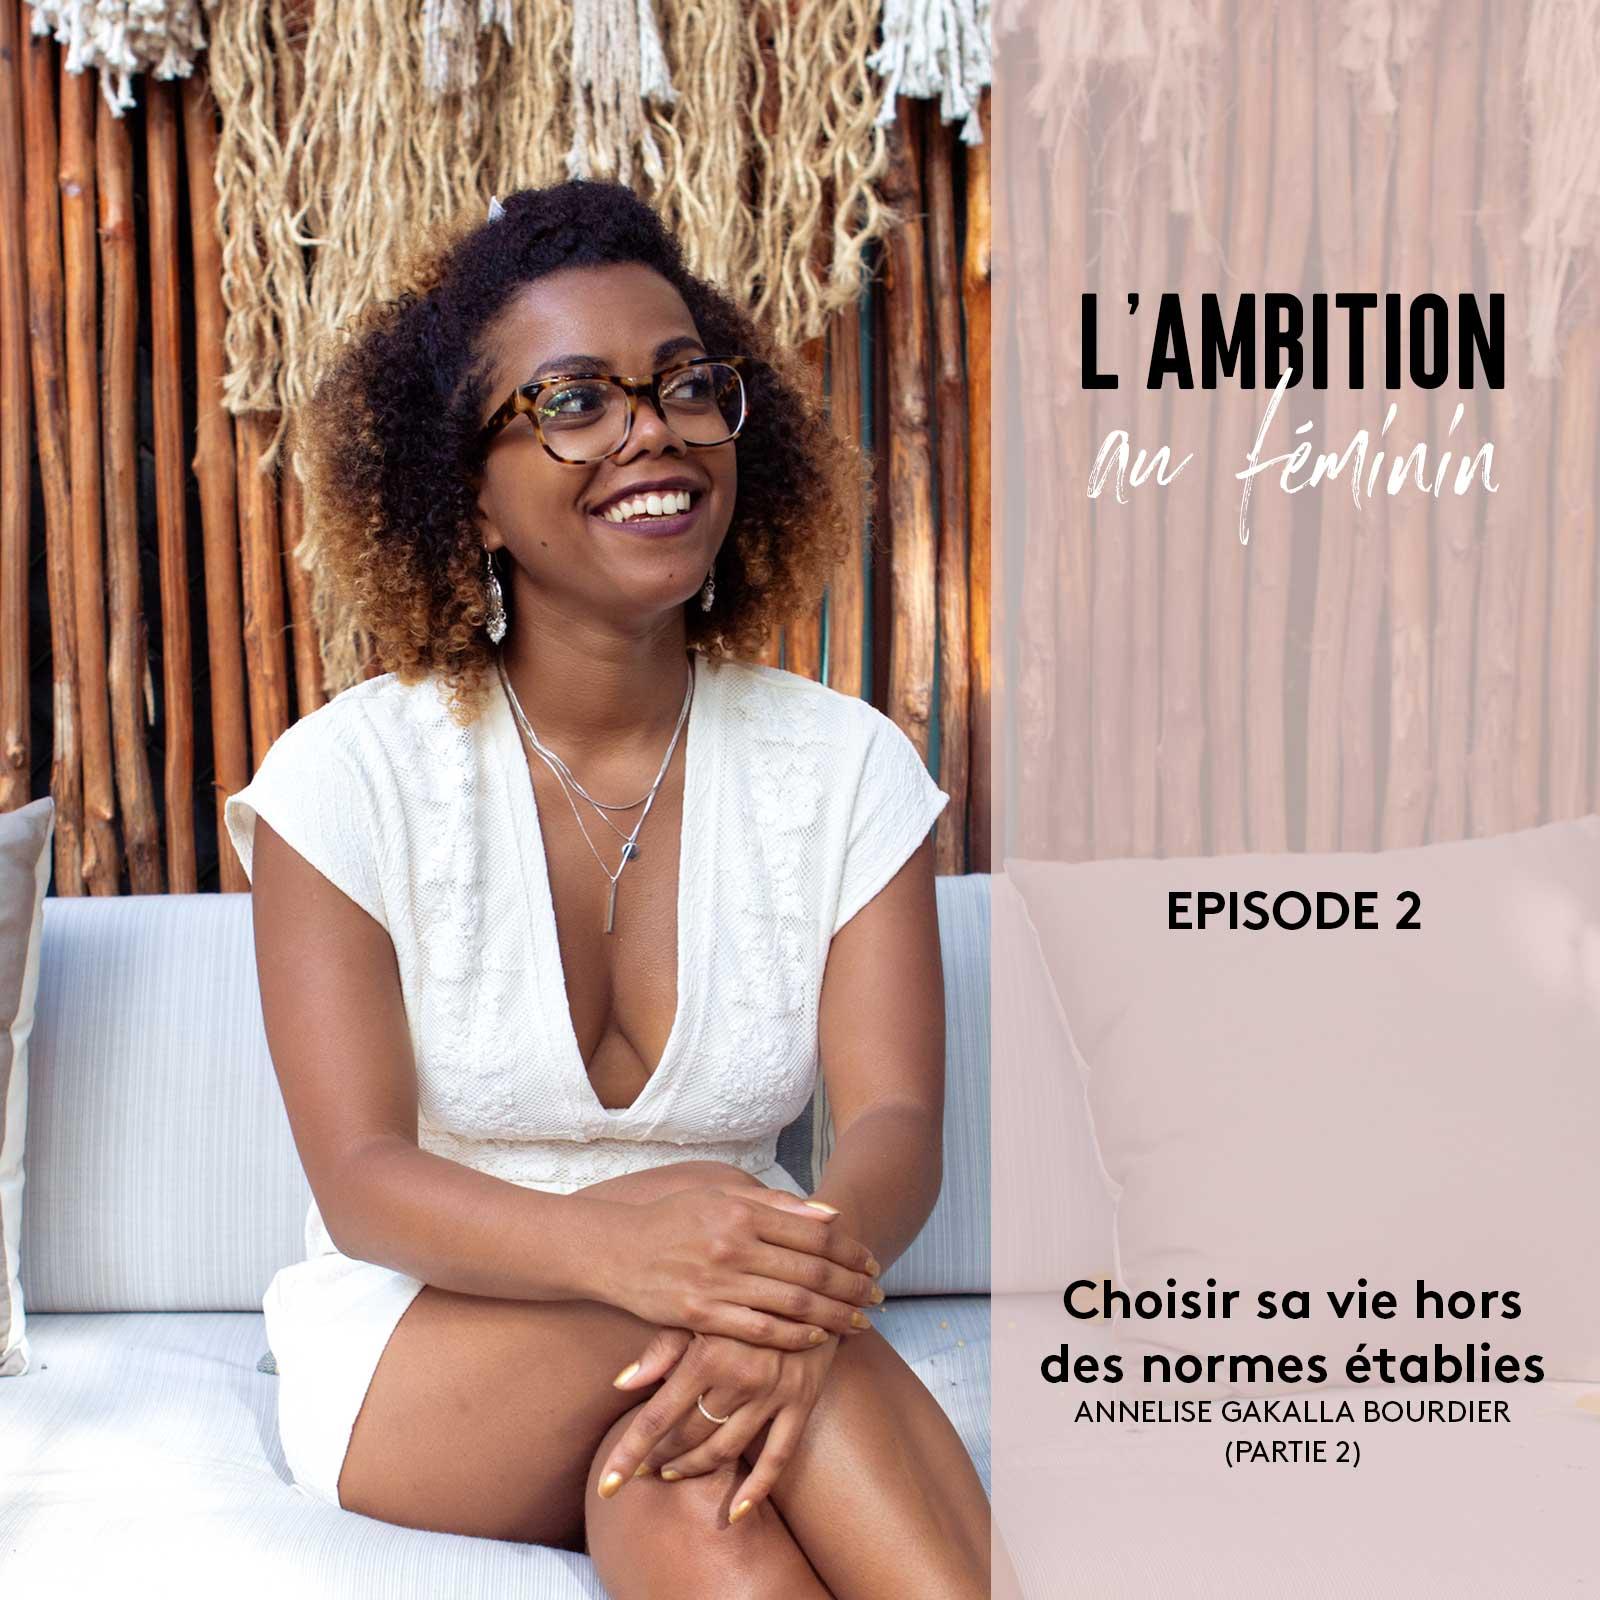 La liberté de choisir sa vie hors des normes établies avec Annelise Gakalla Bourdier (Partie 2)